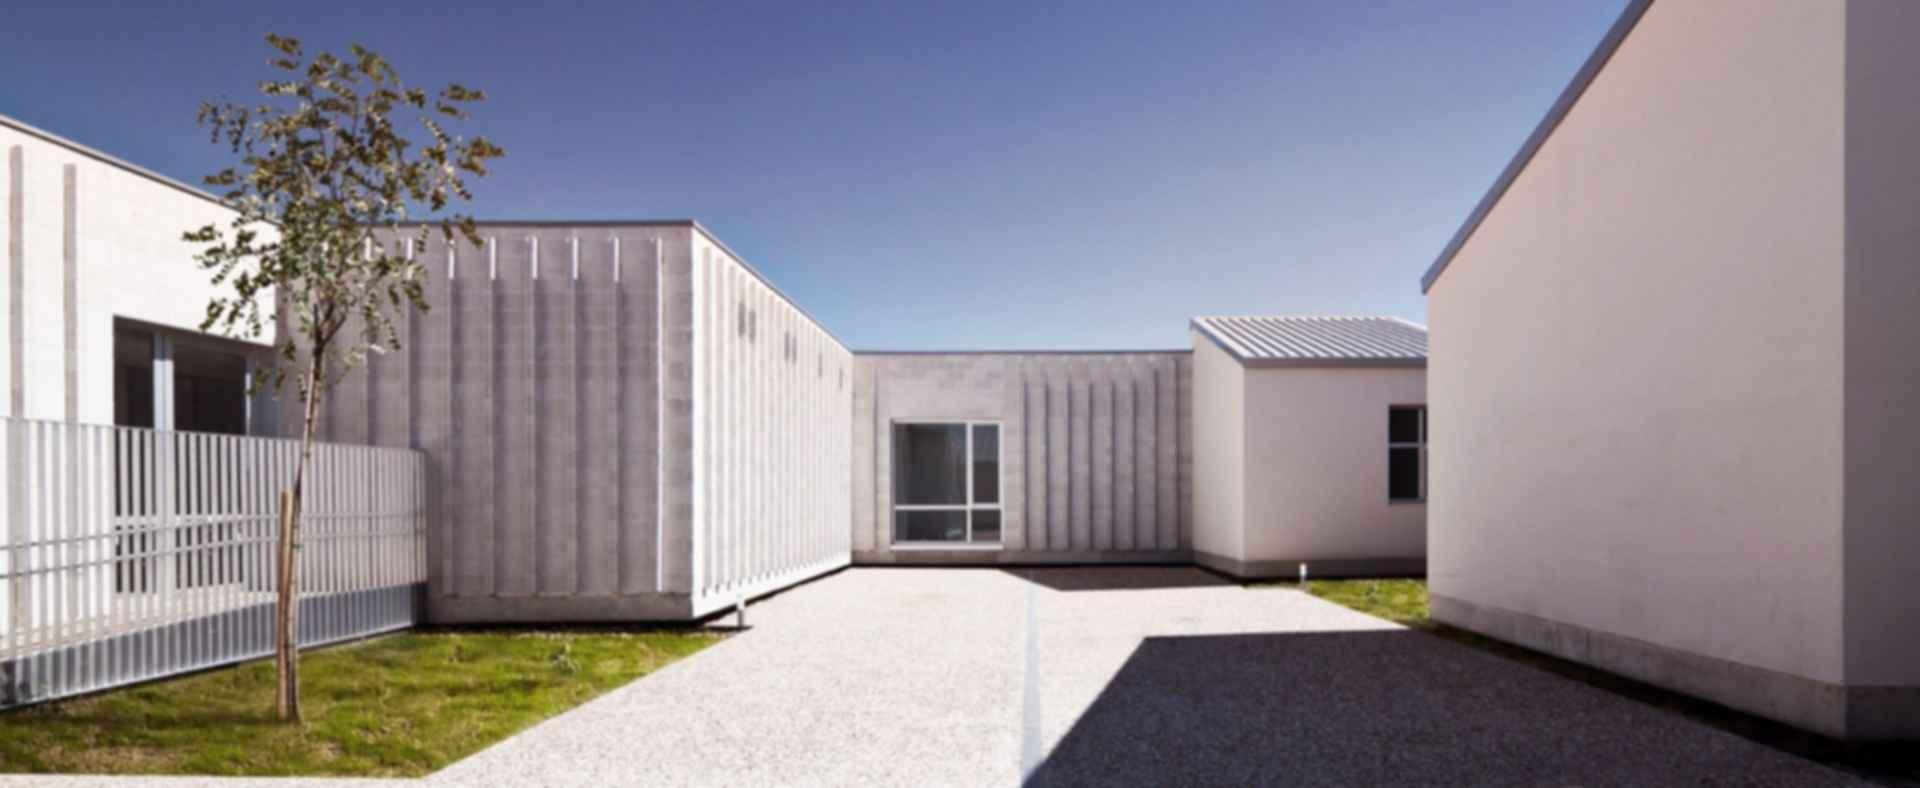 Housing for the Elderly - exterior